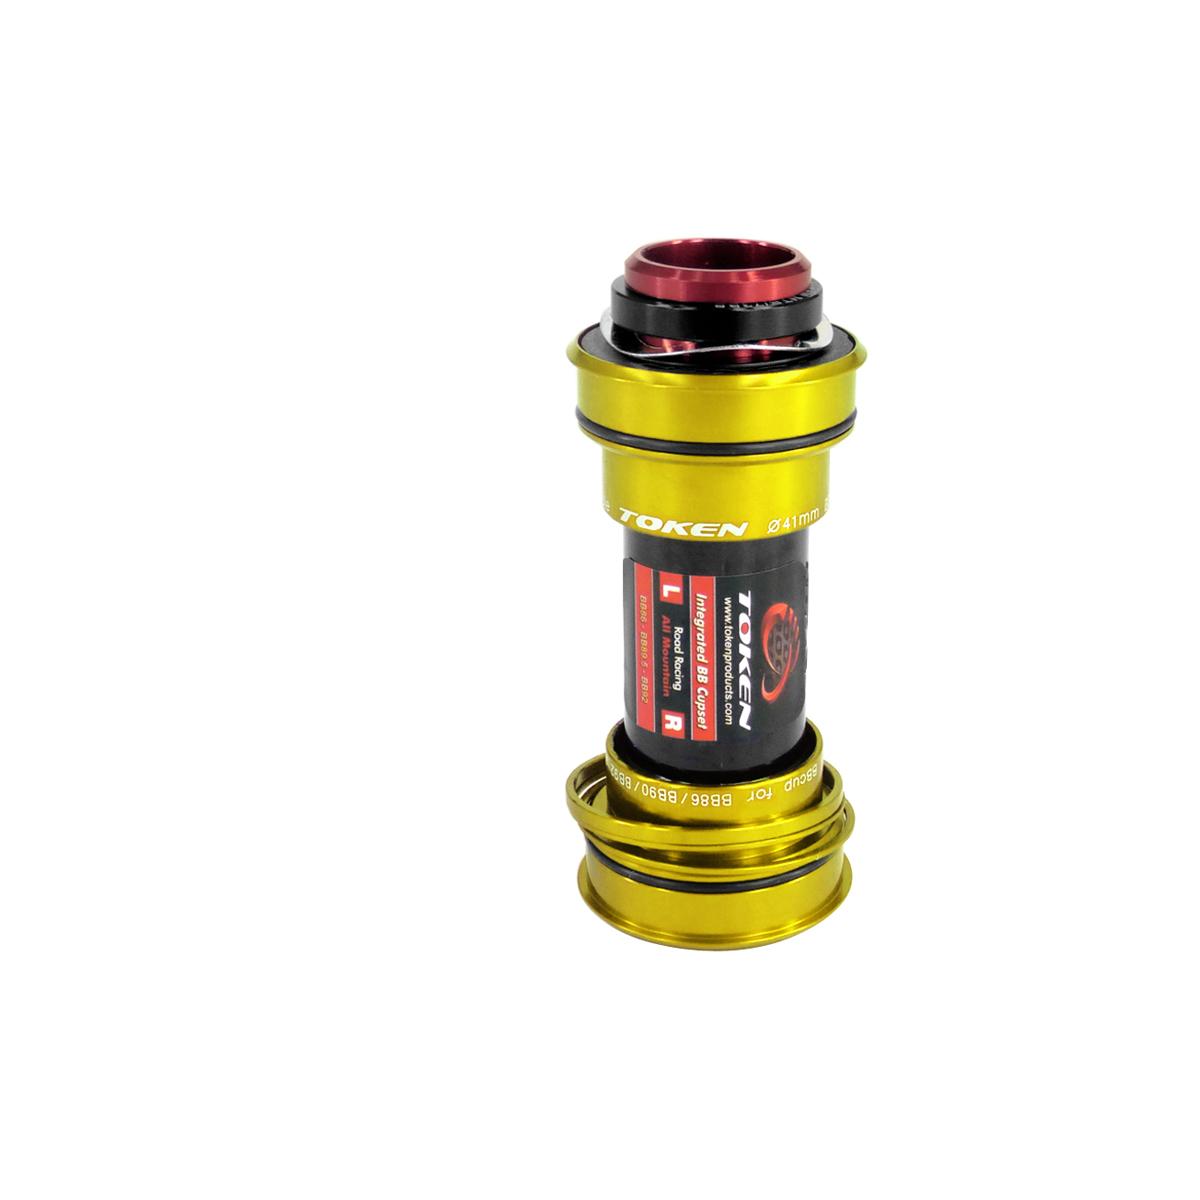 Adaptateur 3 en 1 Token BB86/90/92 Shimano / SRAM 24 mm Or